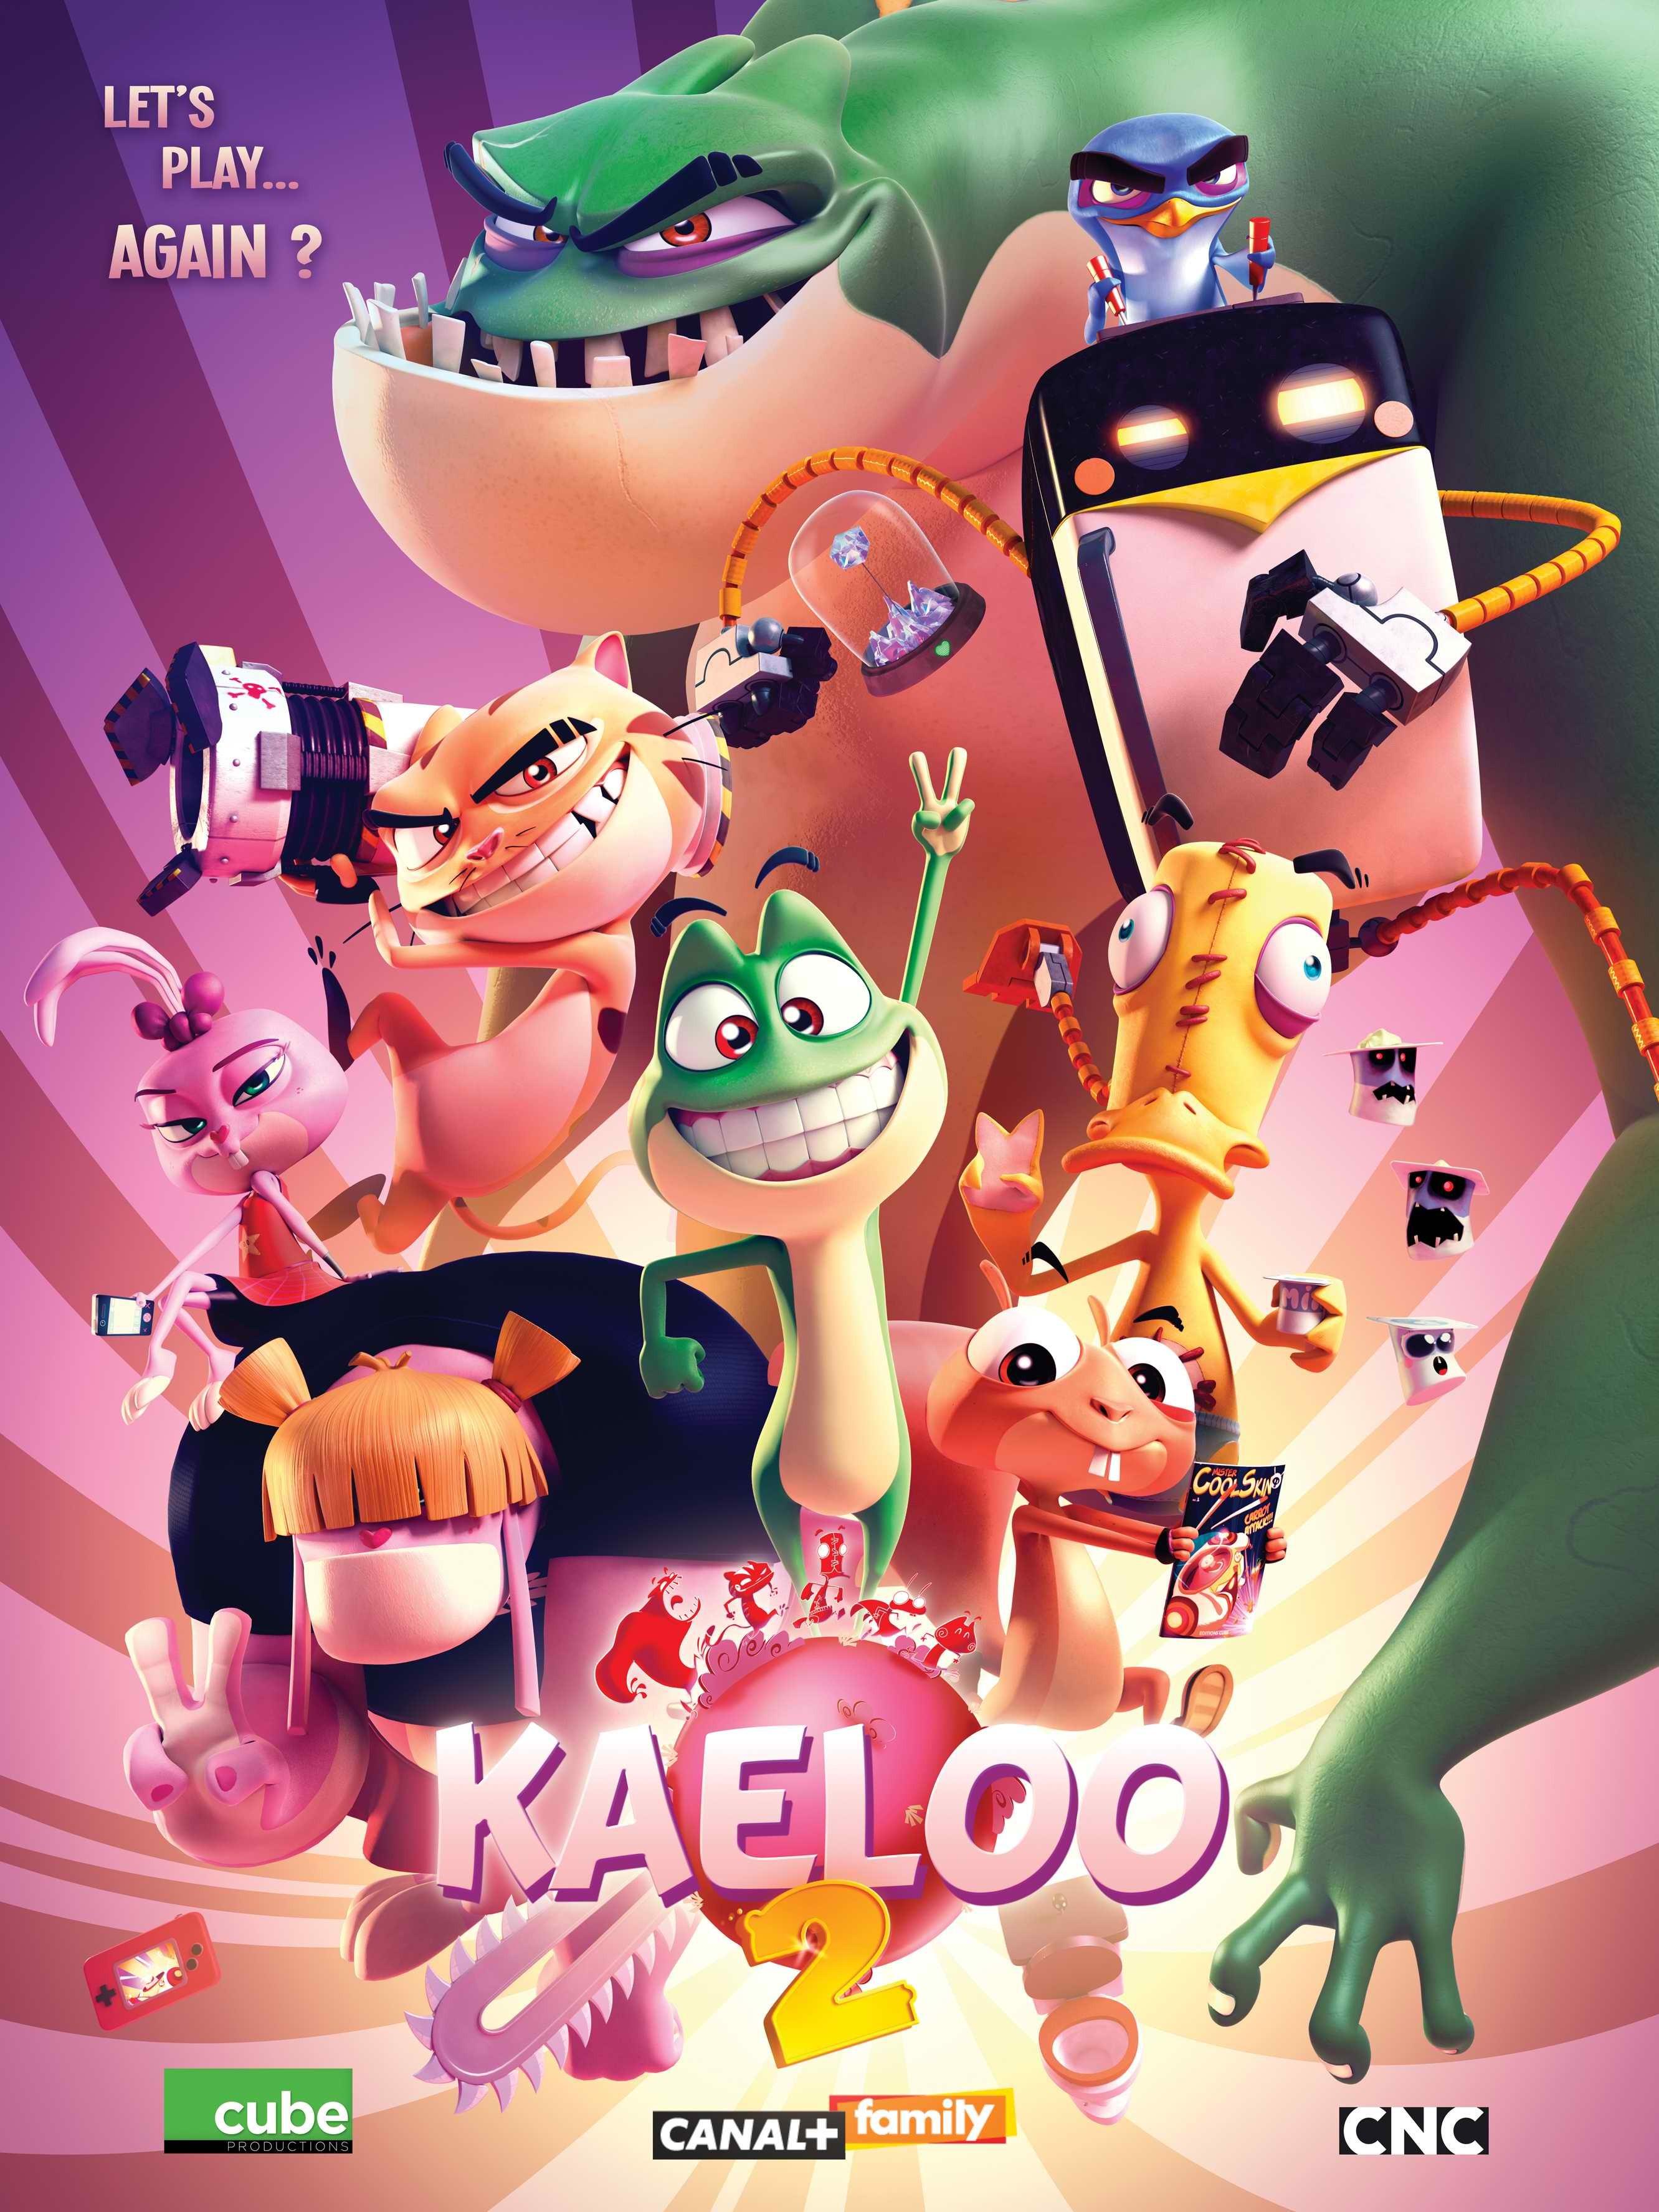 Quel personnage de 'Kaeloo' es-tu ?